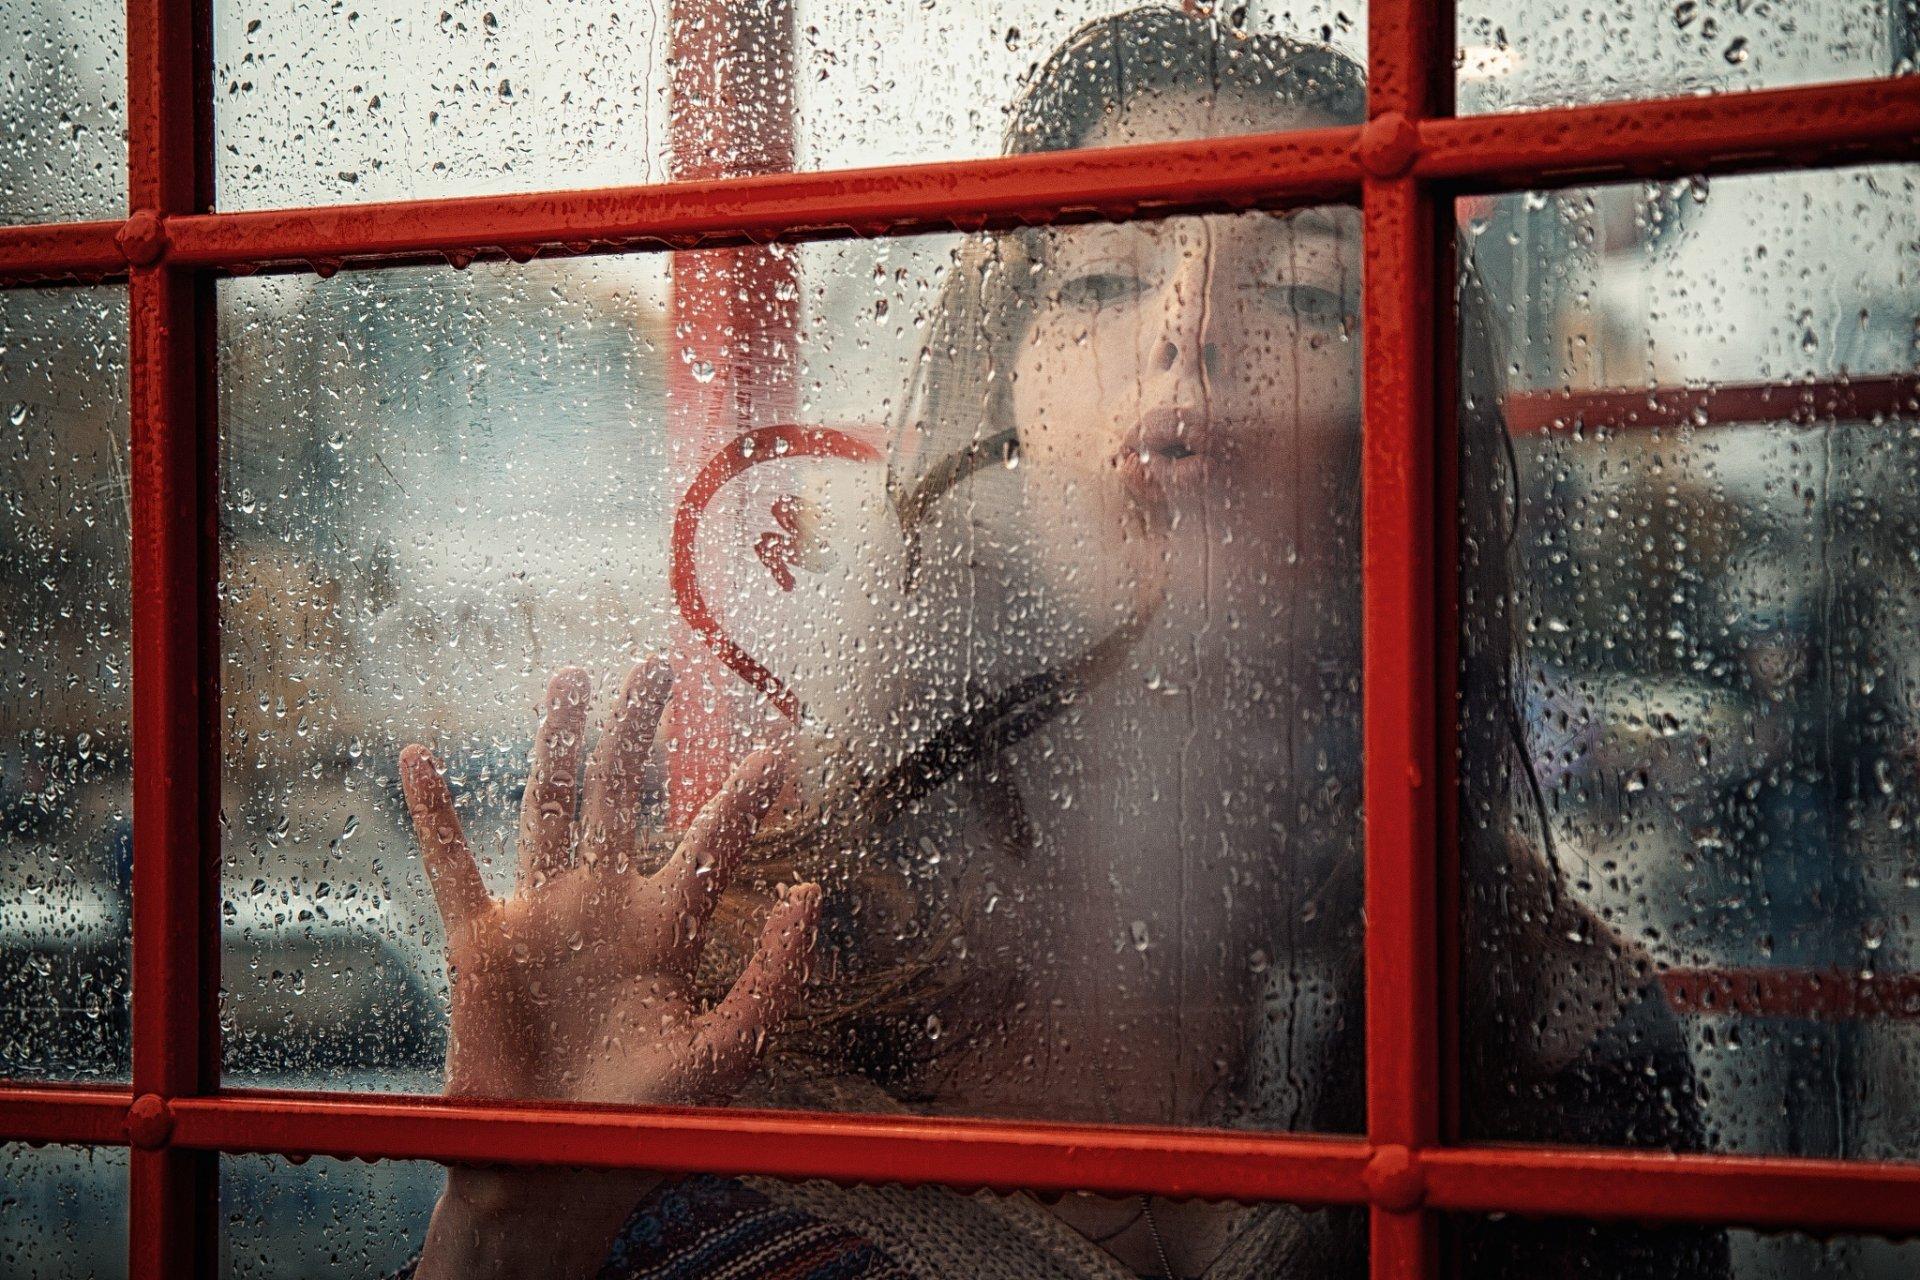 скучающая девочка в окне поезда бесплатно